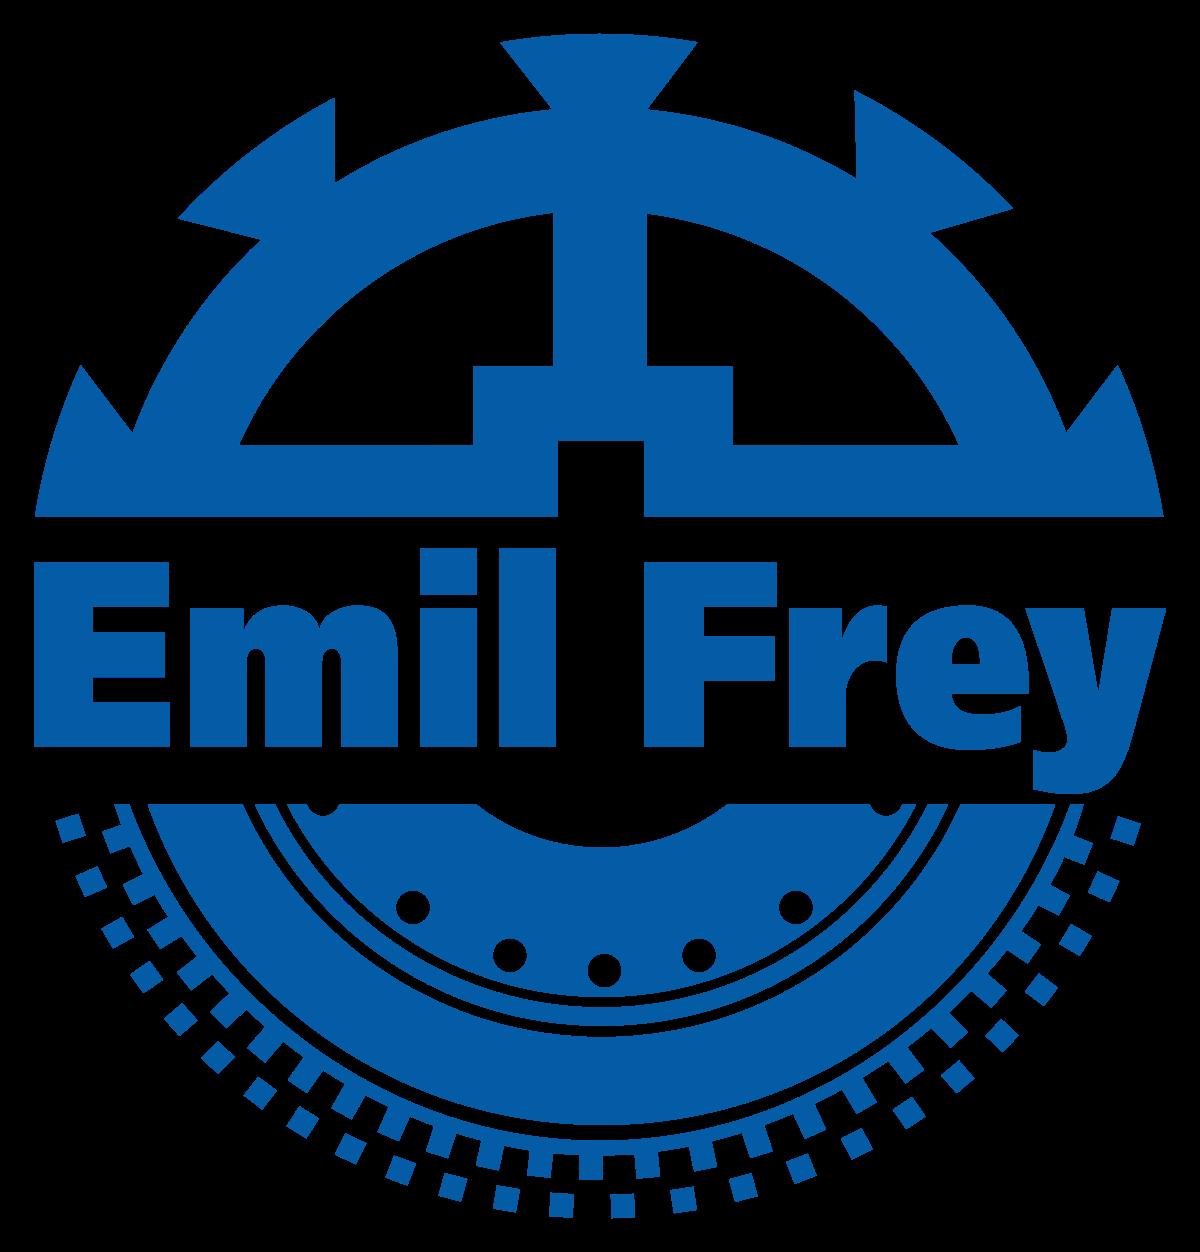 Emil Frey_2